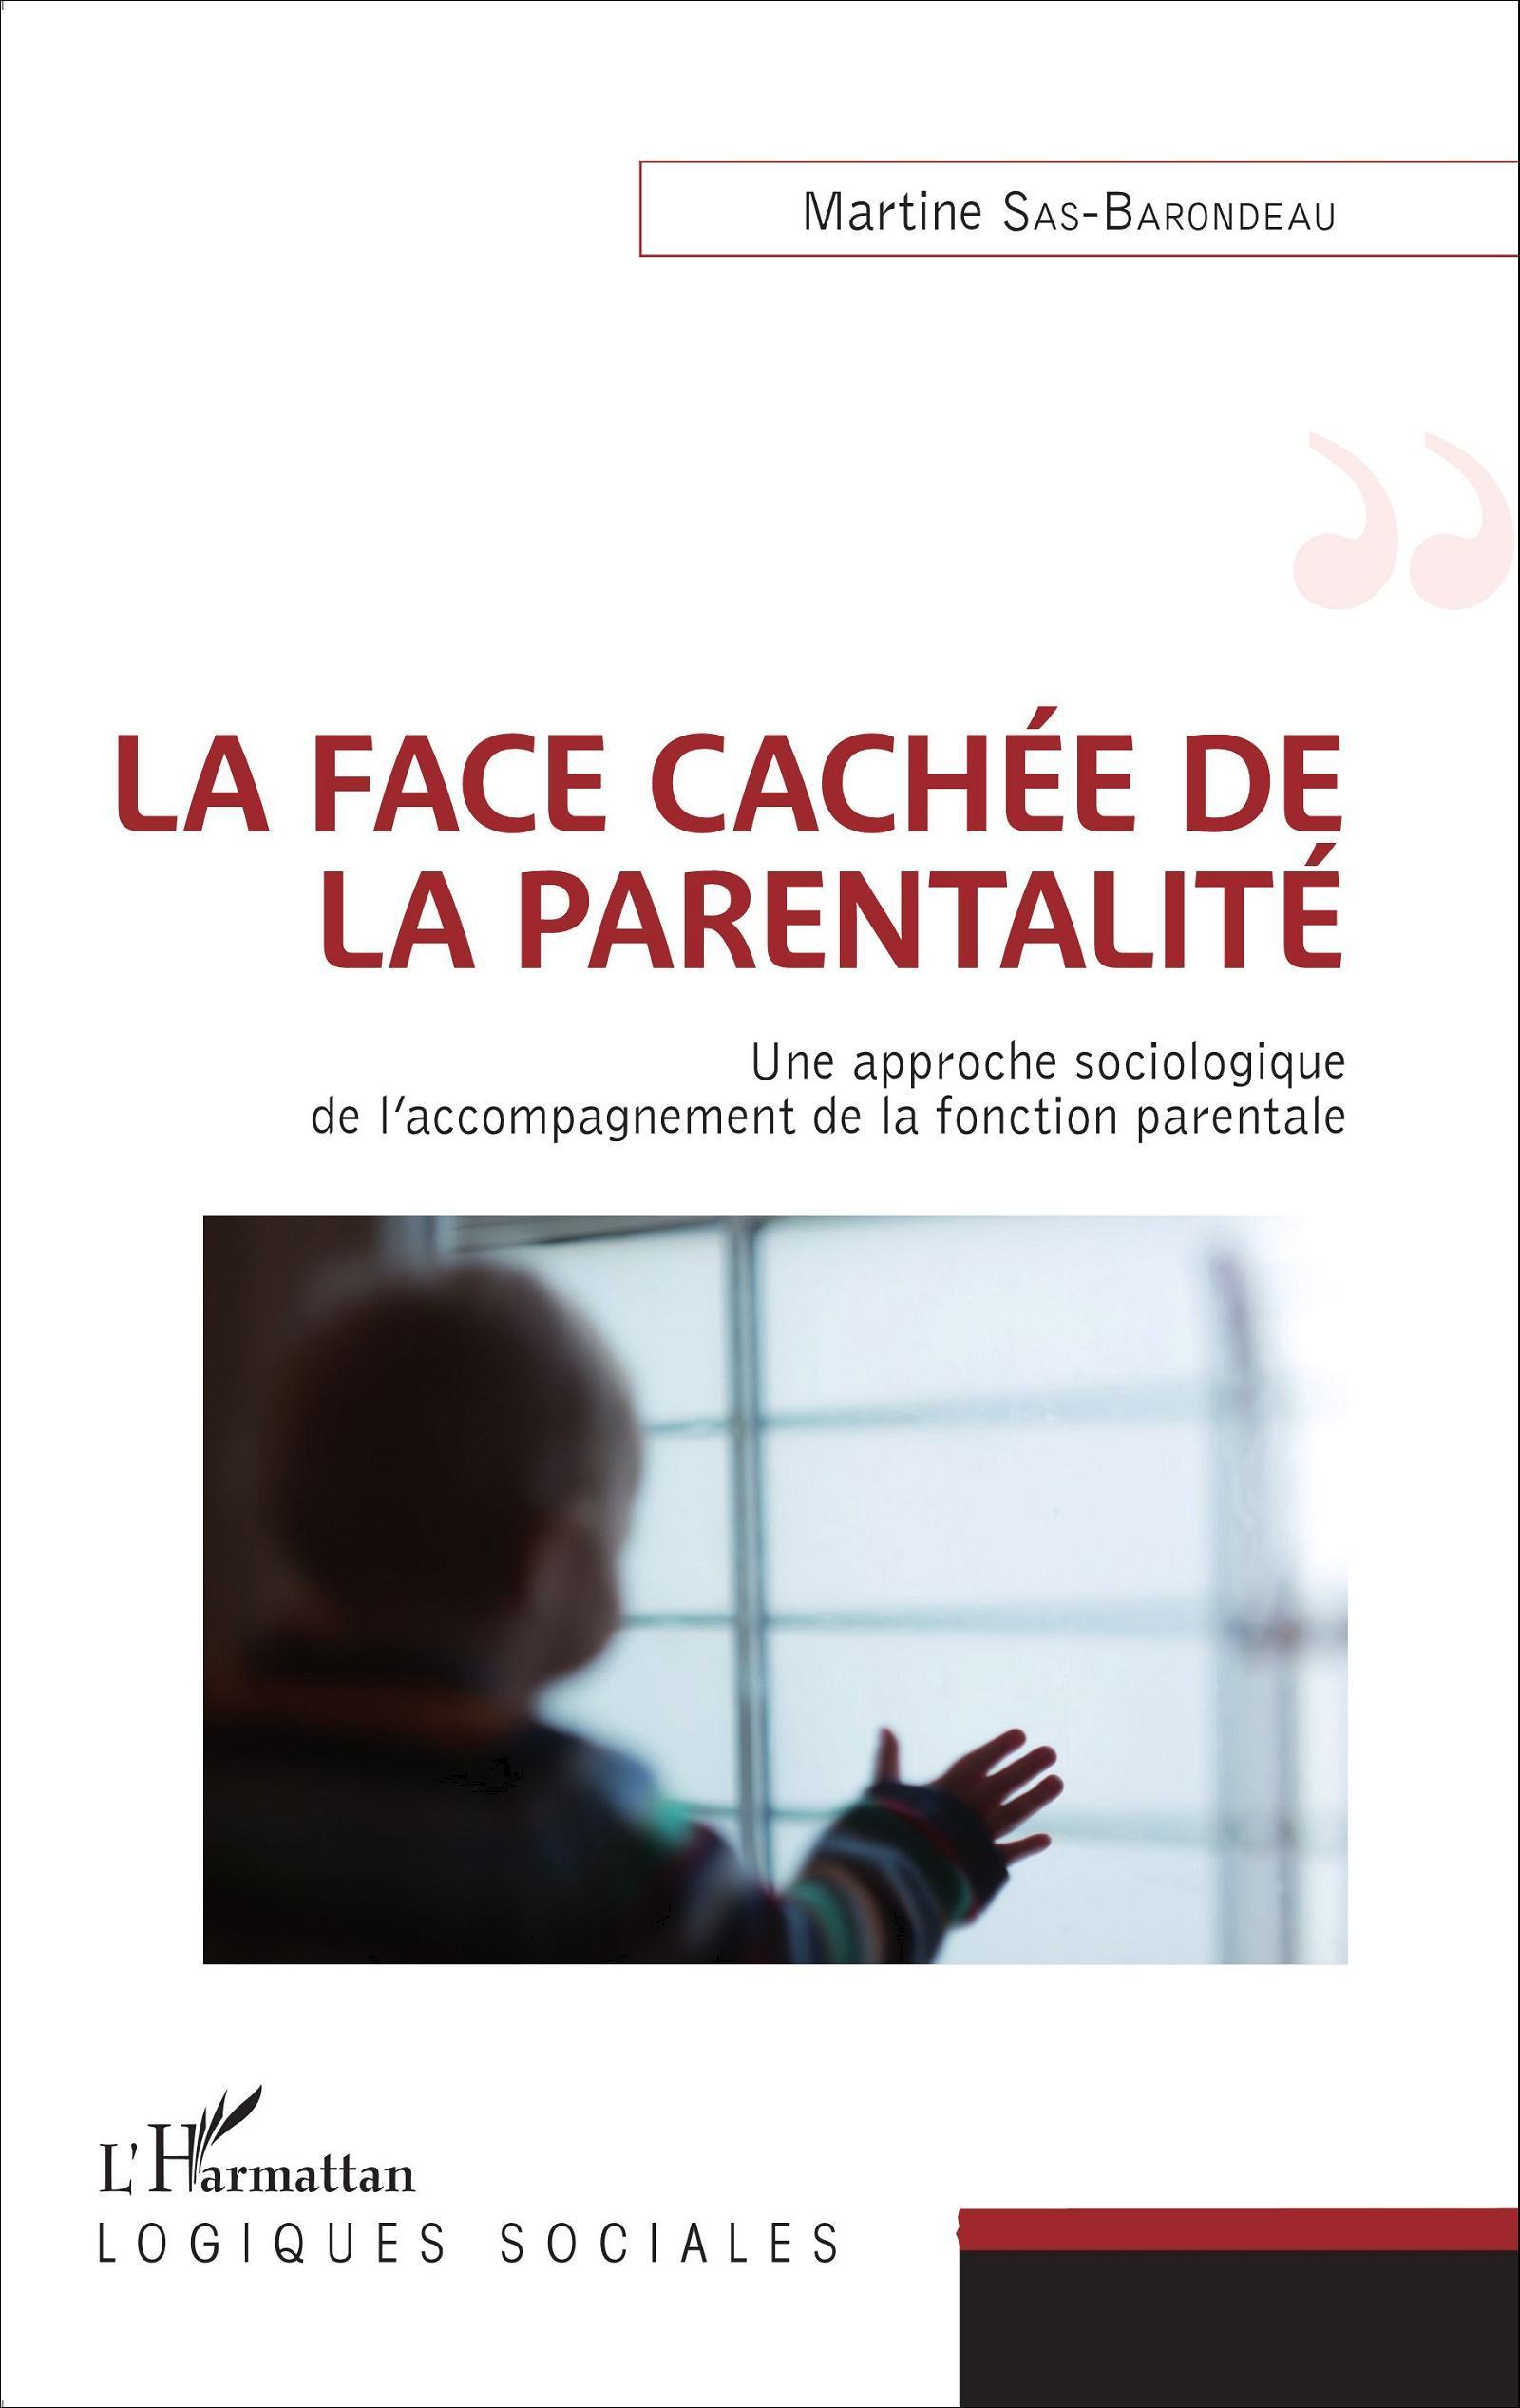 FACE CACHEE DE LA PARENTALITE UNE APPROCHE SOCIOLOGIQUE DE L'ACCOMPAGNEMENT DE LA FONCTION PARENTALE